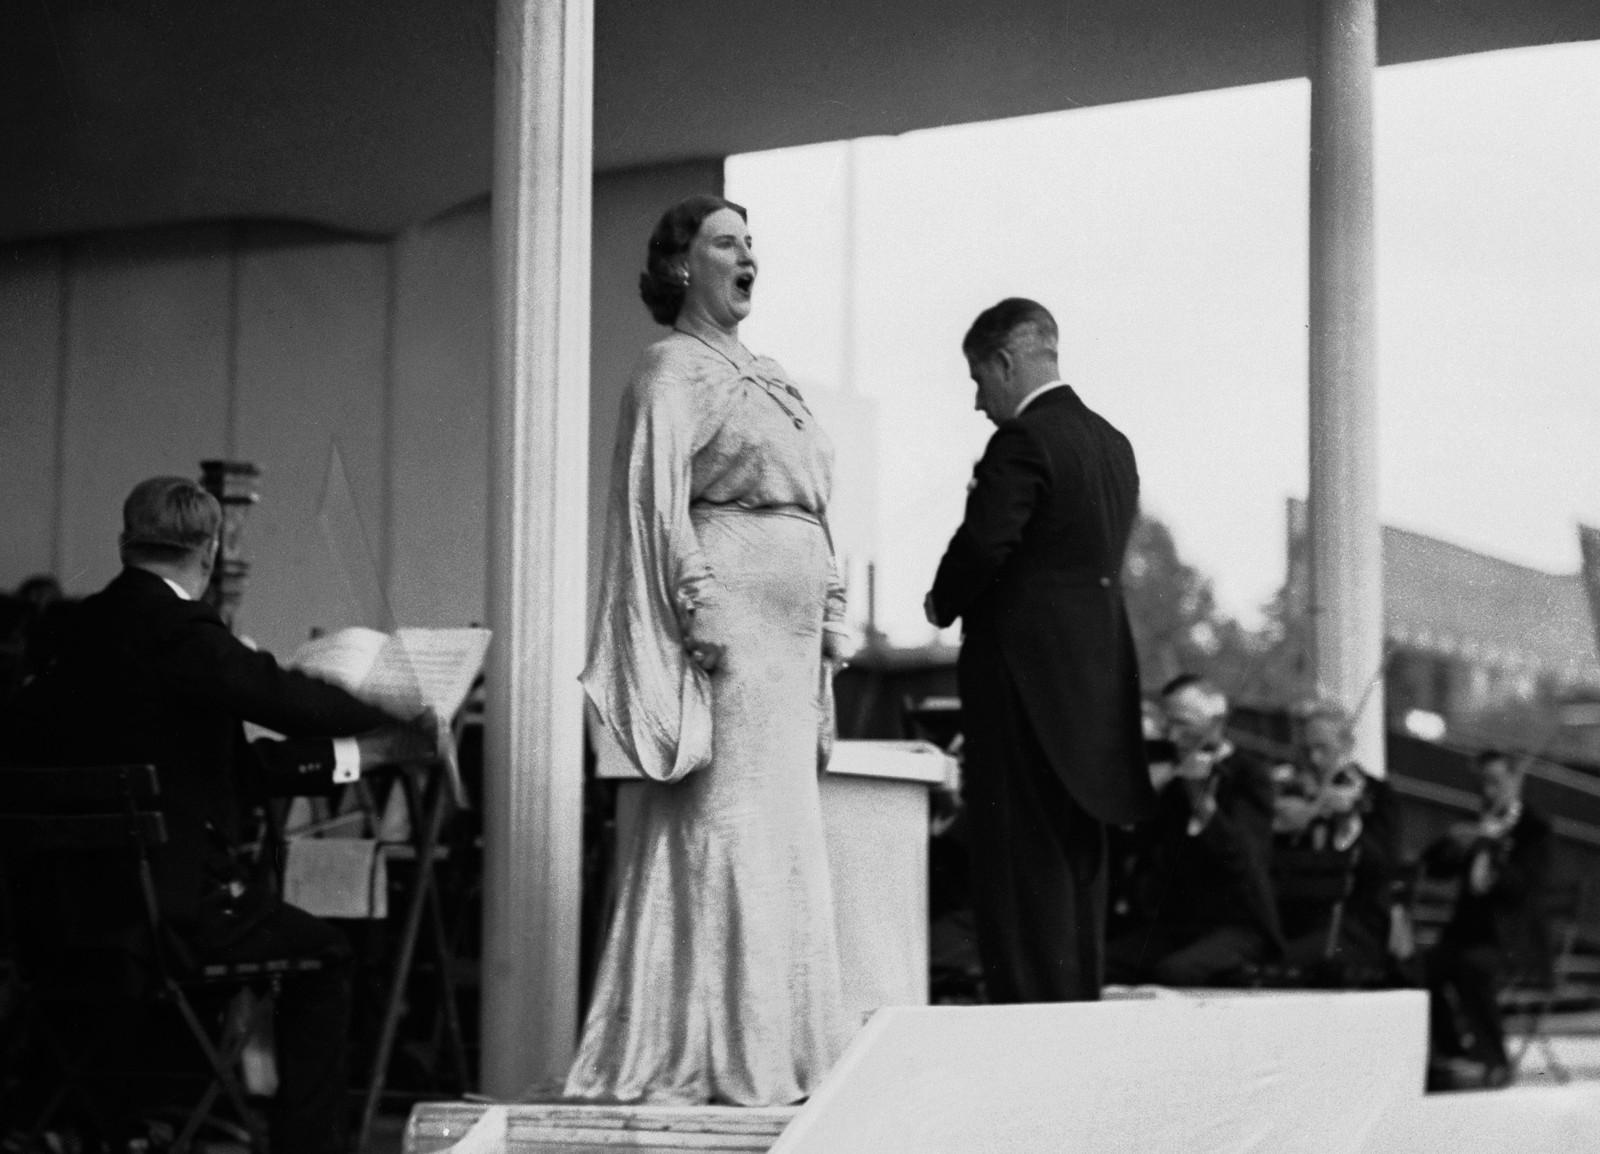 Omstridt sanger: Landets mest berømte operasanger, Kirsten Flagstad, var blant de mange som ble rammet av NRKs boikott mot kunstnere med «unasjonal holdning» etter krigen. Saken havnet i rådet.